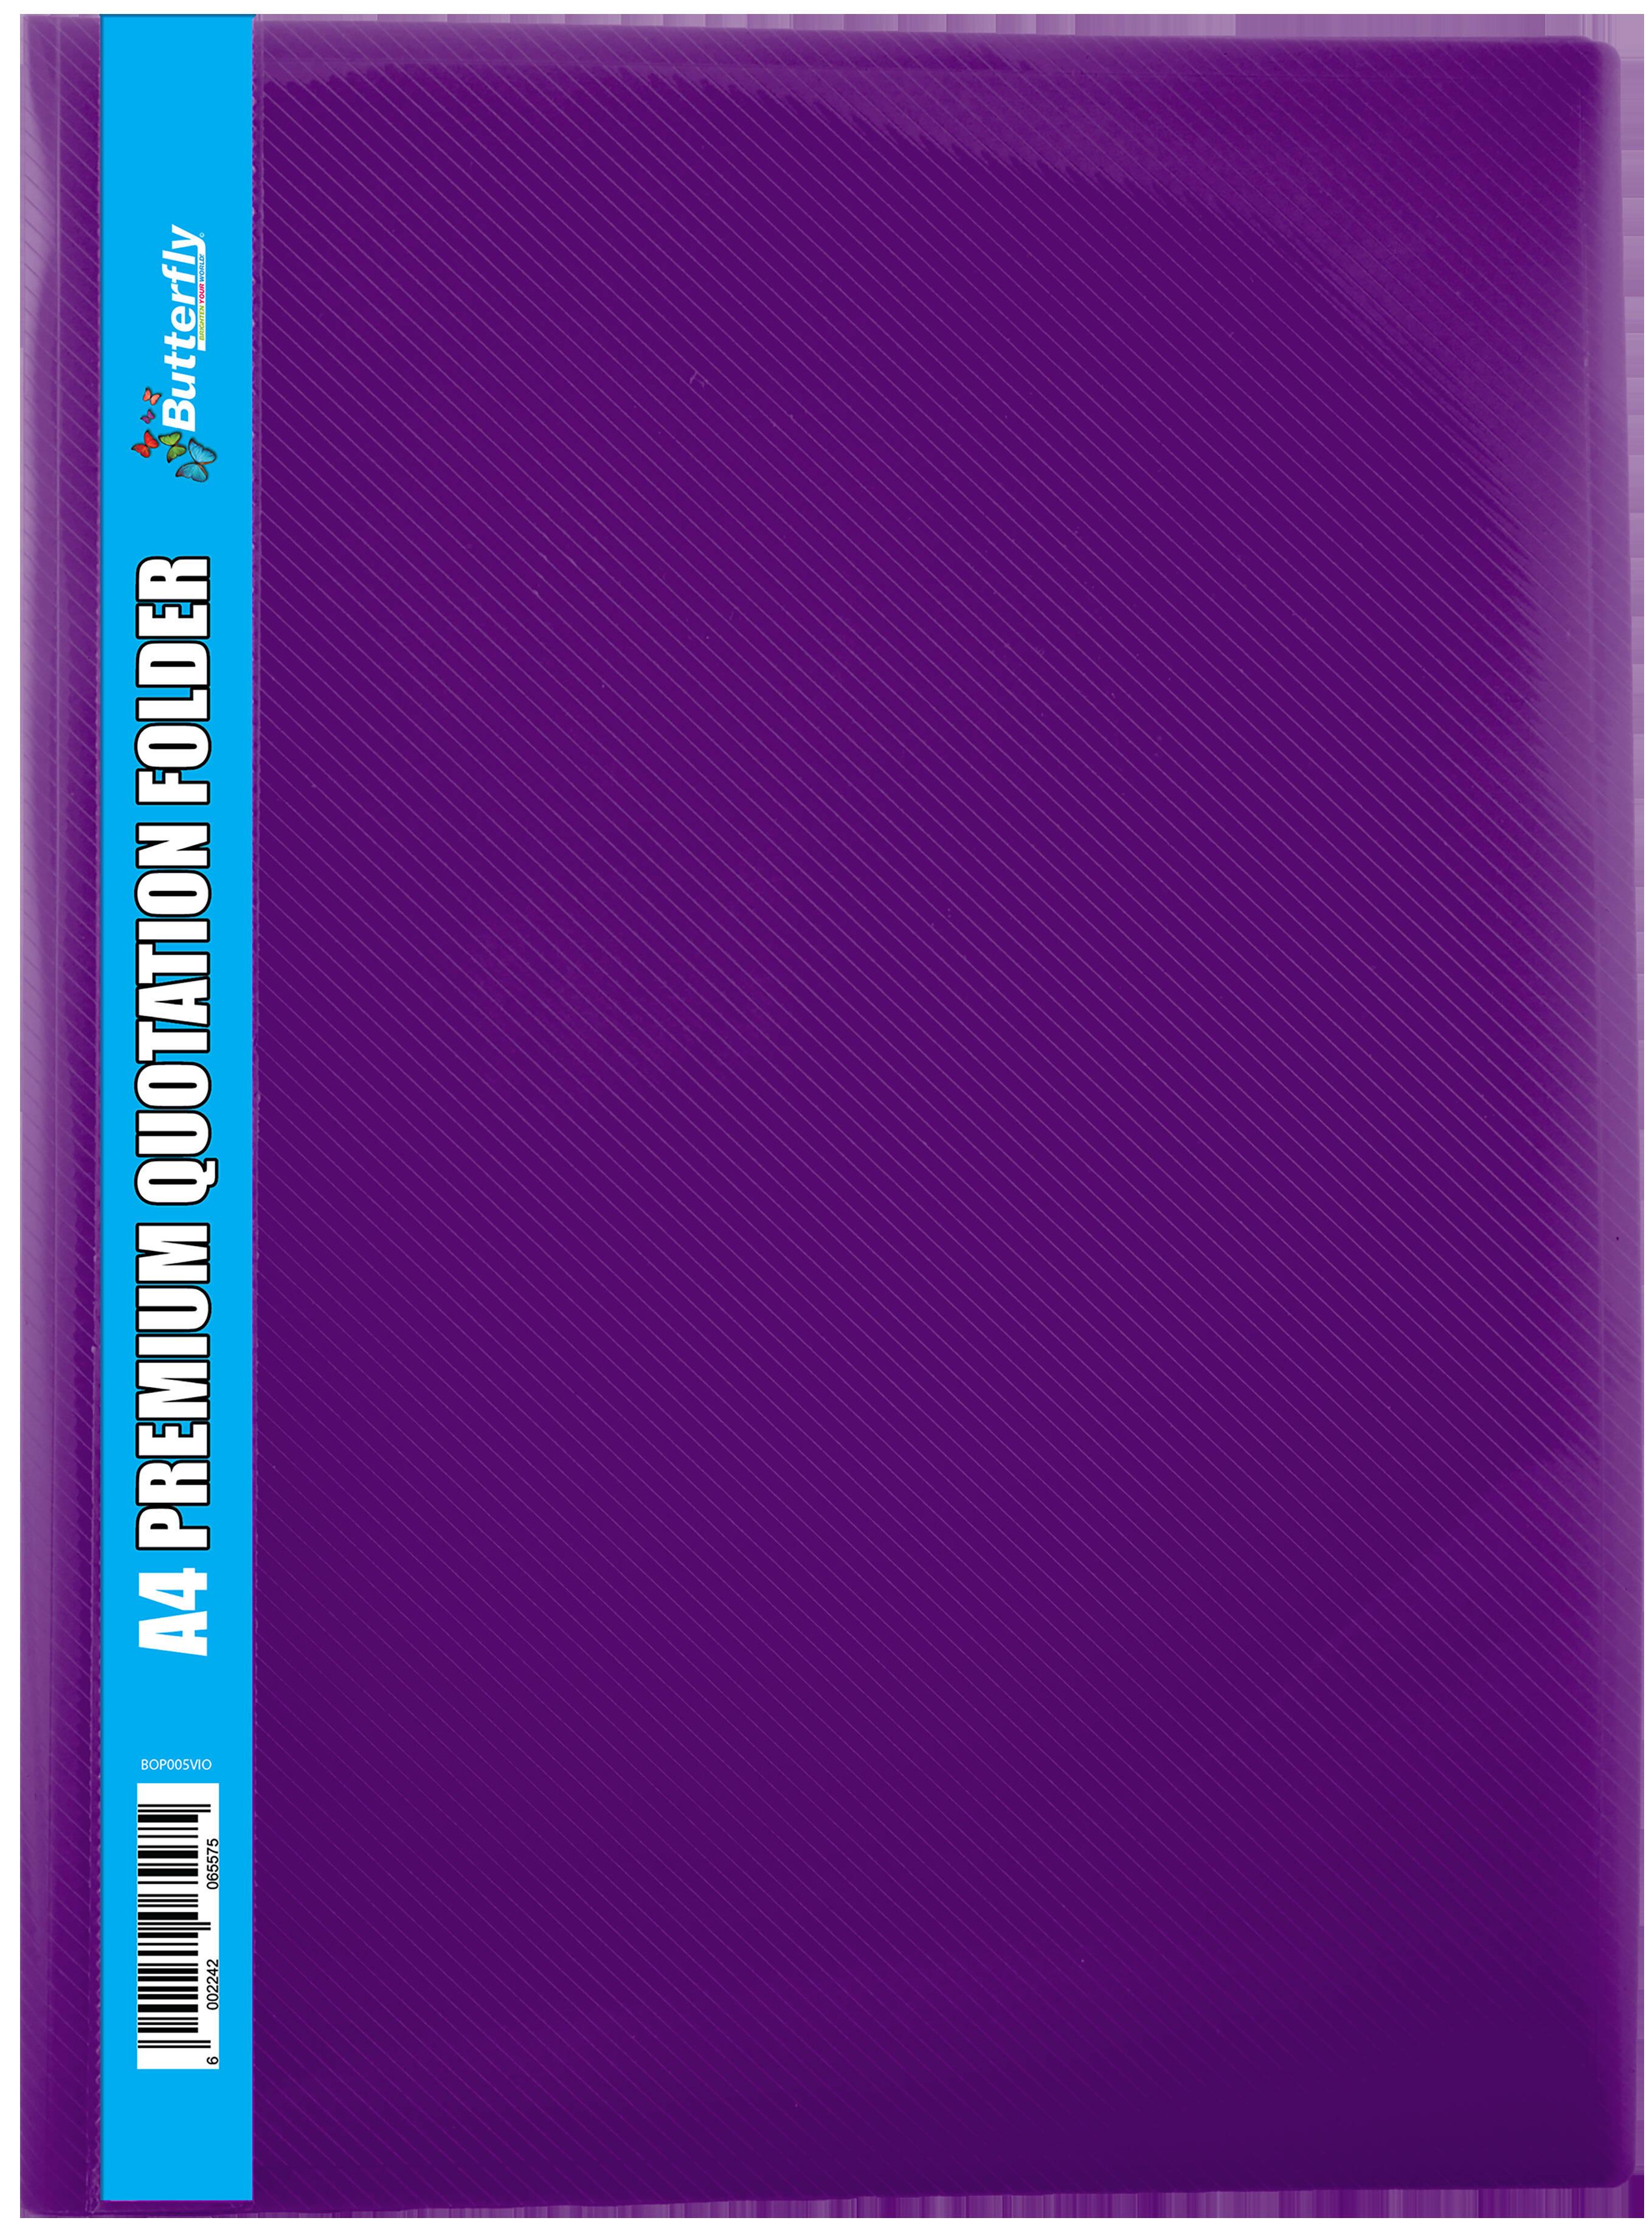 A4 Premium Quotation Folders - 400 Micron - Violet